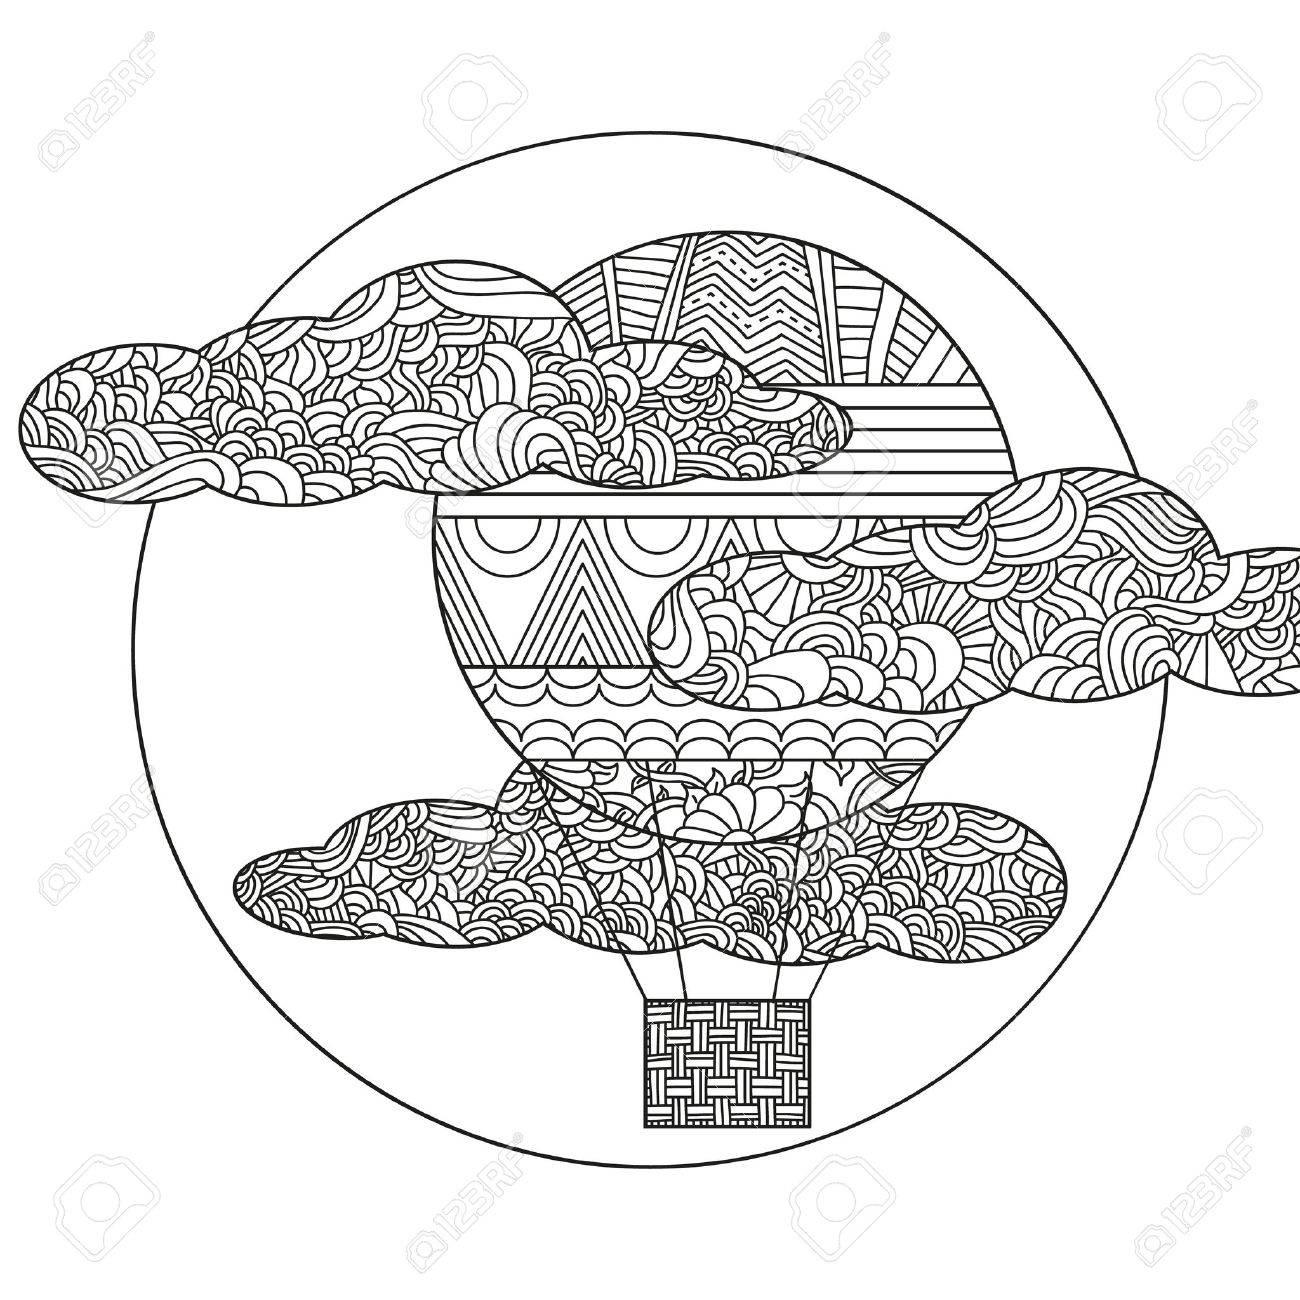 Original Globo De Aire Del Doodle. Puede Ser Utilizado Para El ...